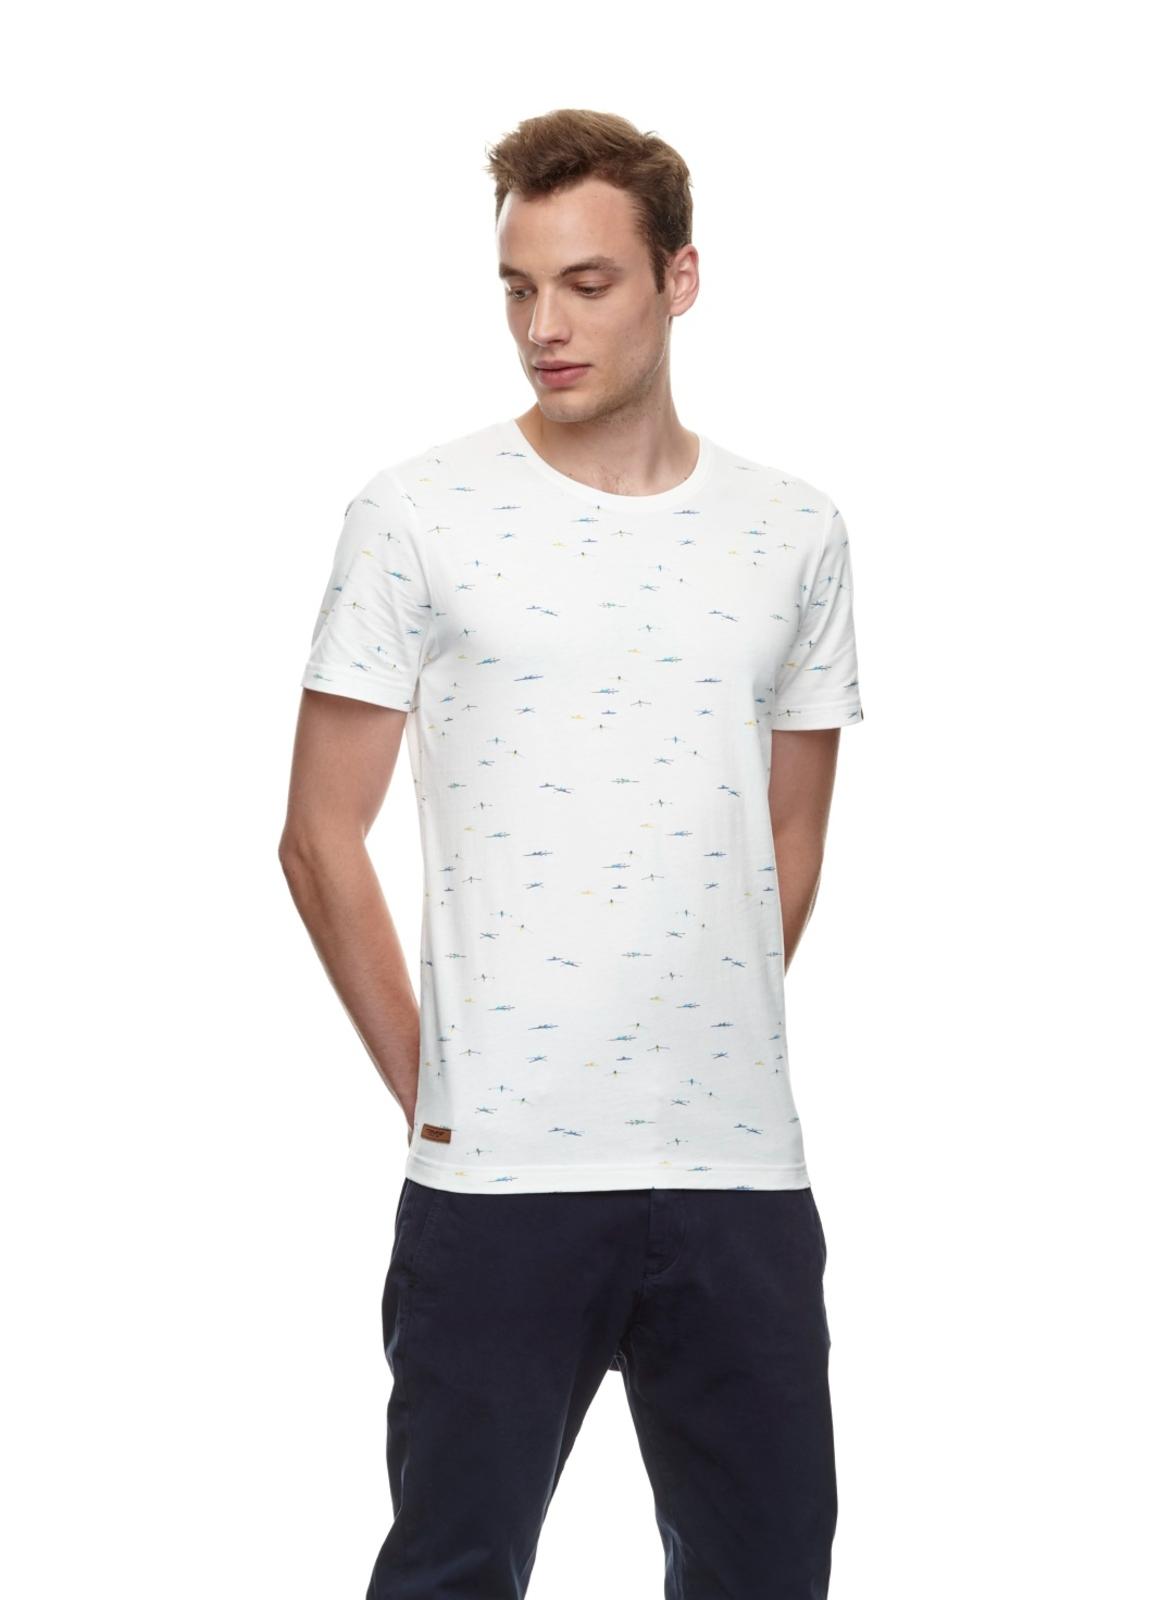 Ragwear Herren T-Shirt Taylor weiß Allover Print 2112 15010 7000 white